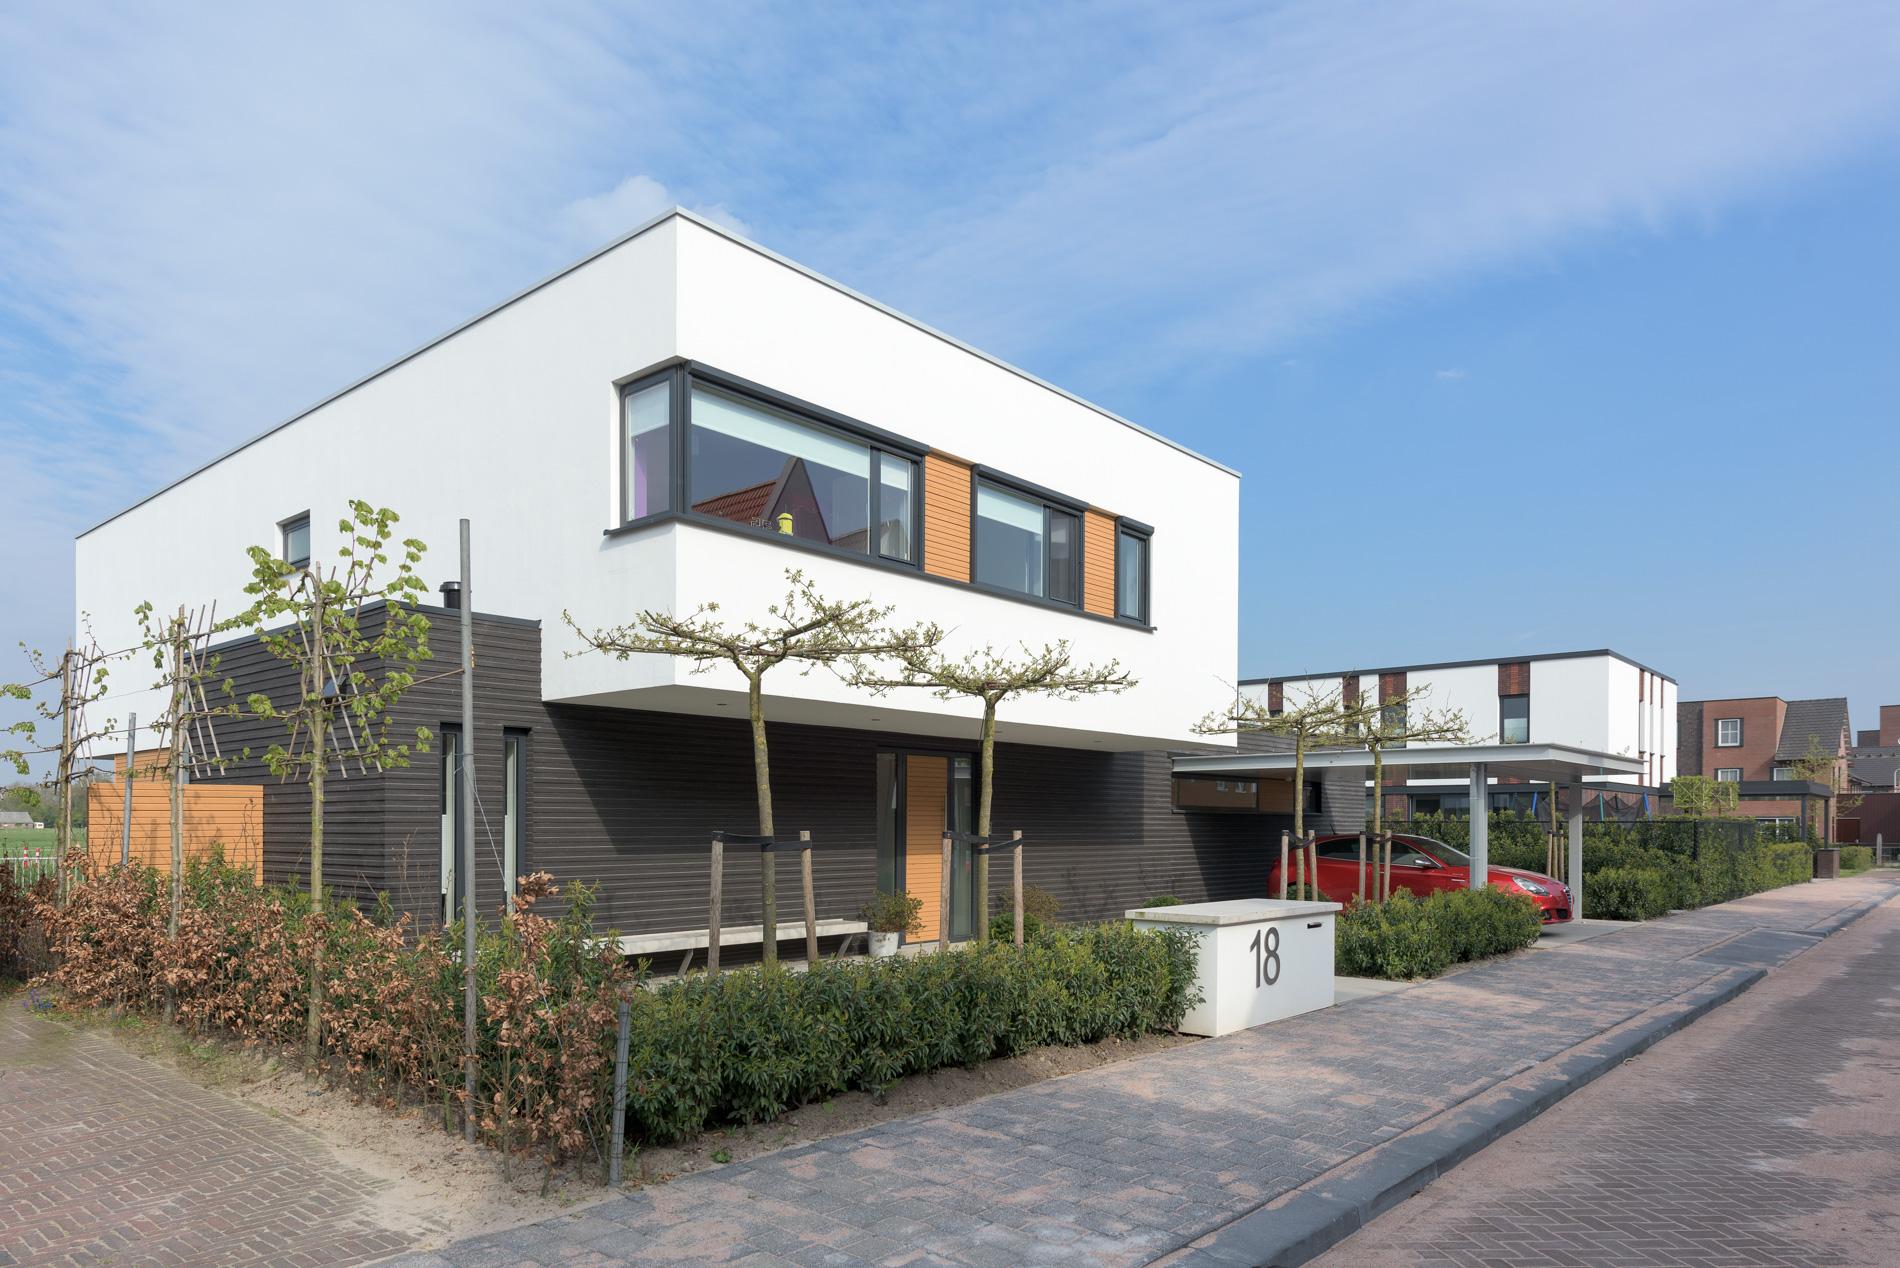 Amersfoort vathorst moderne architectuur op de baak van petten van 4d architecten - Moderne interieurarchitectuur ...